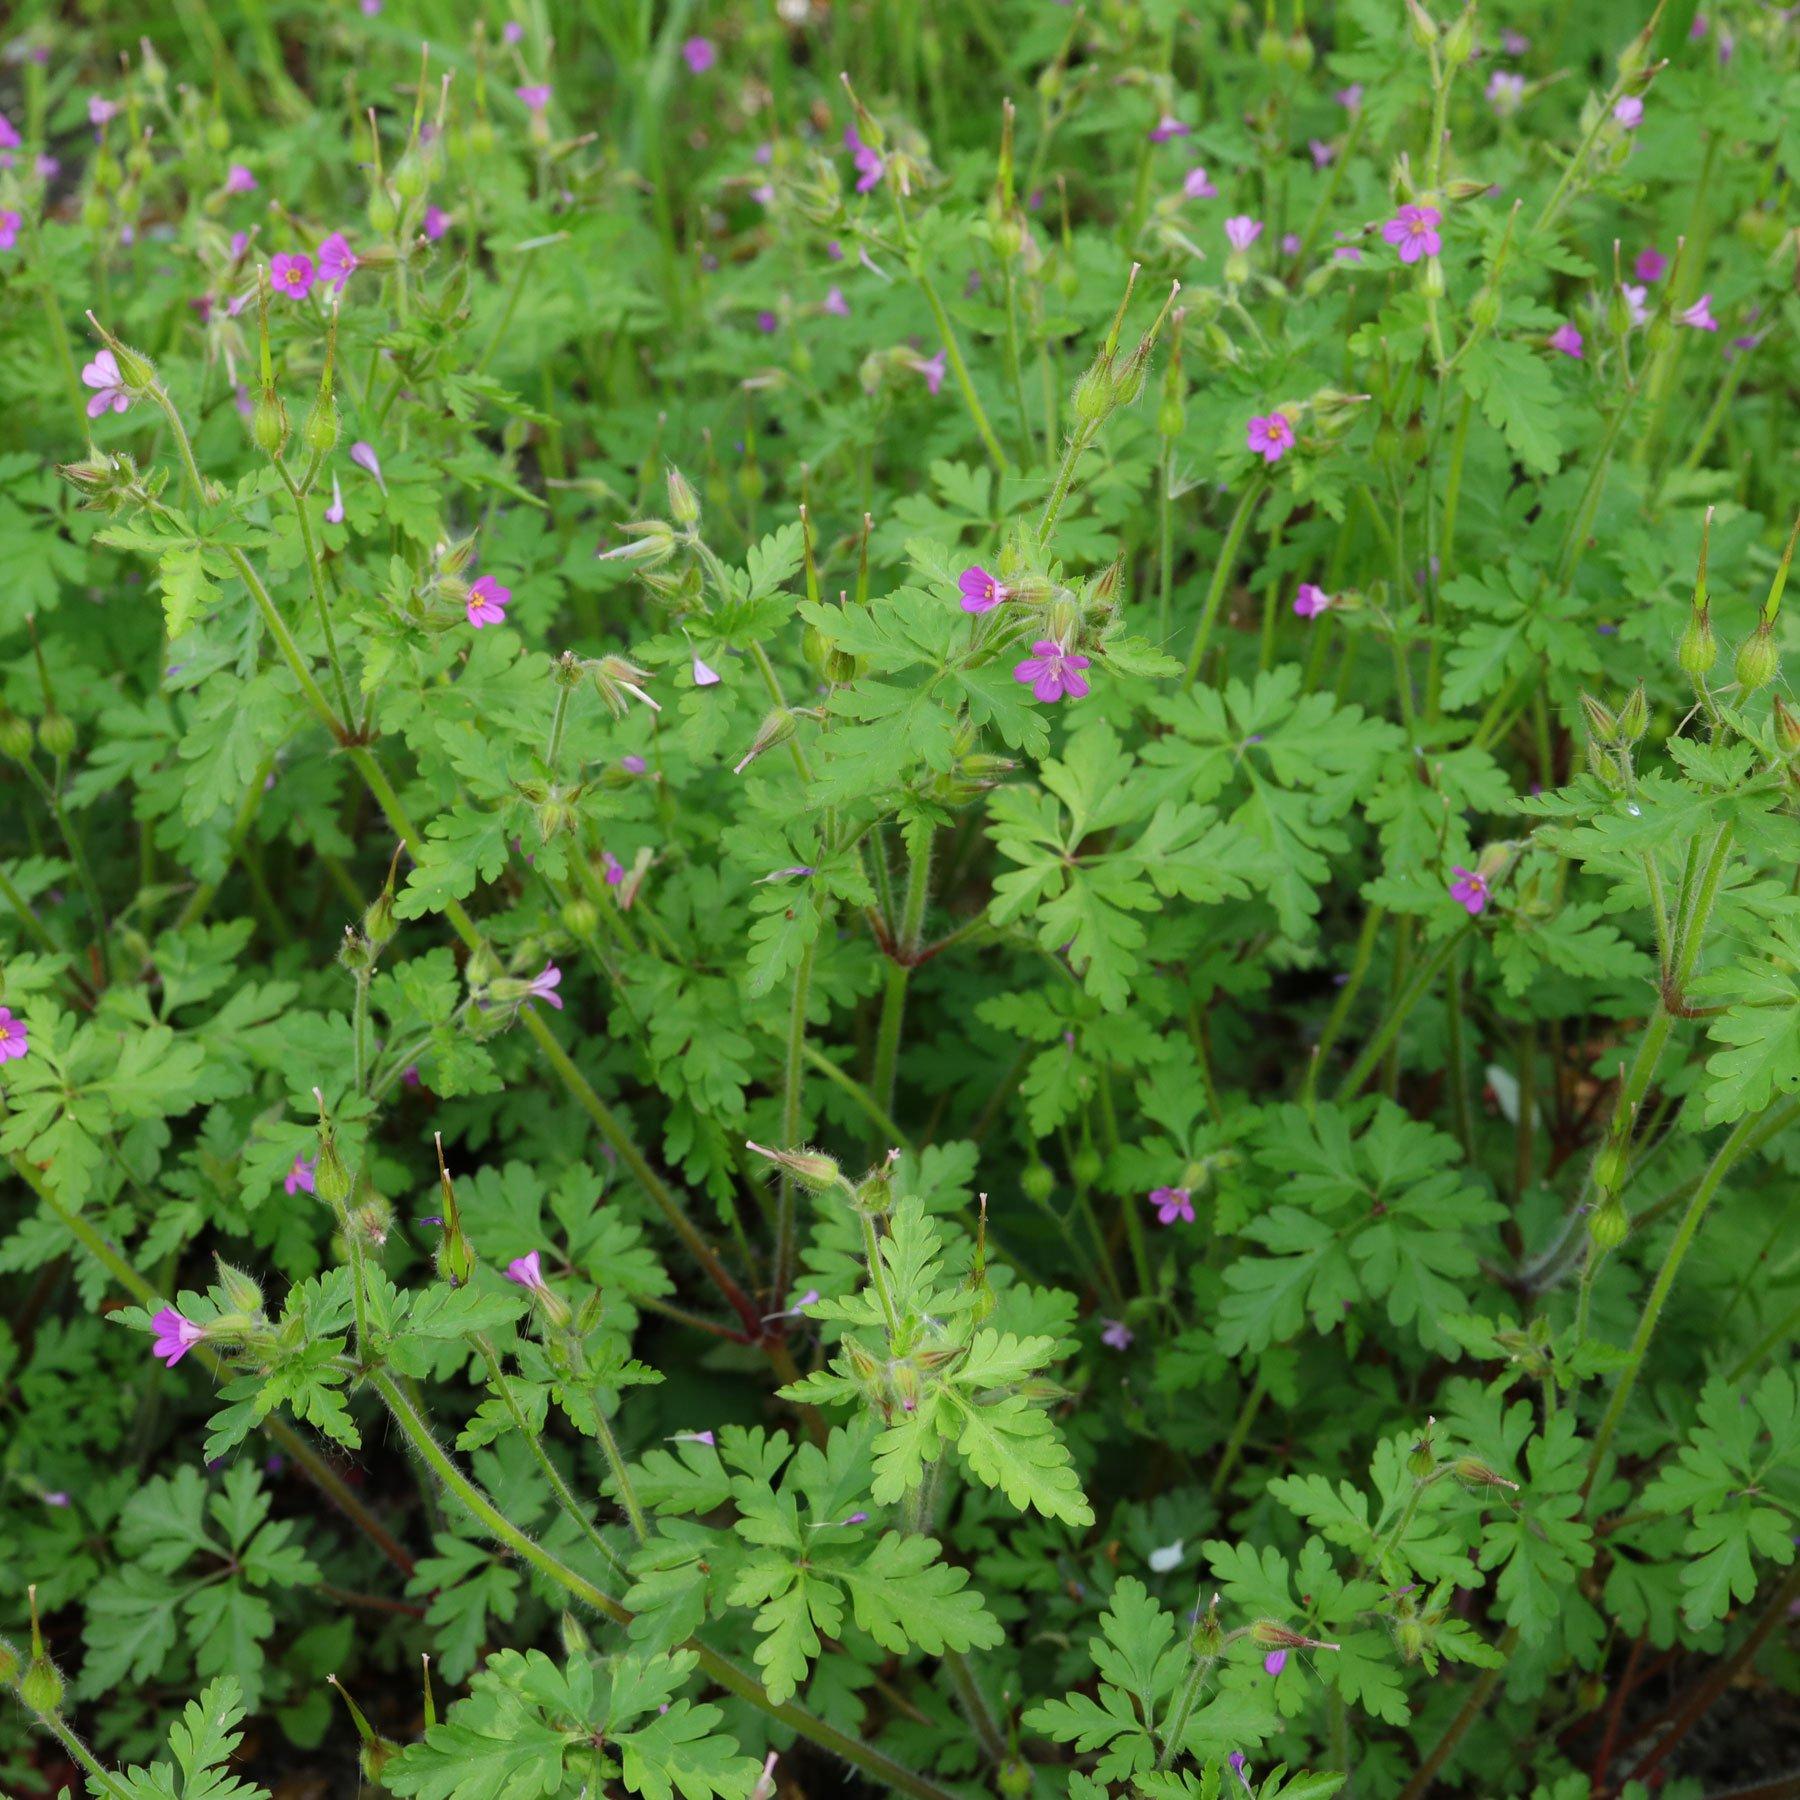 Geranium purpureum